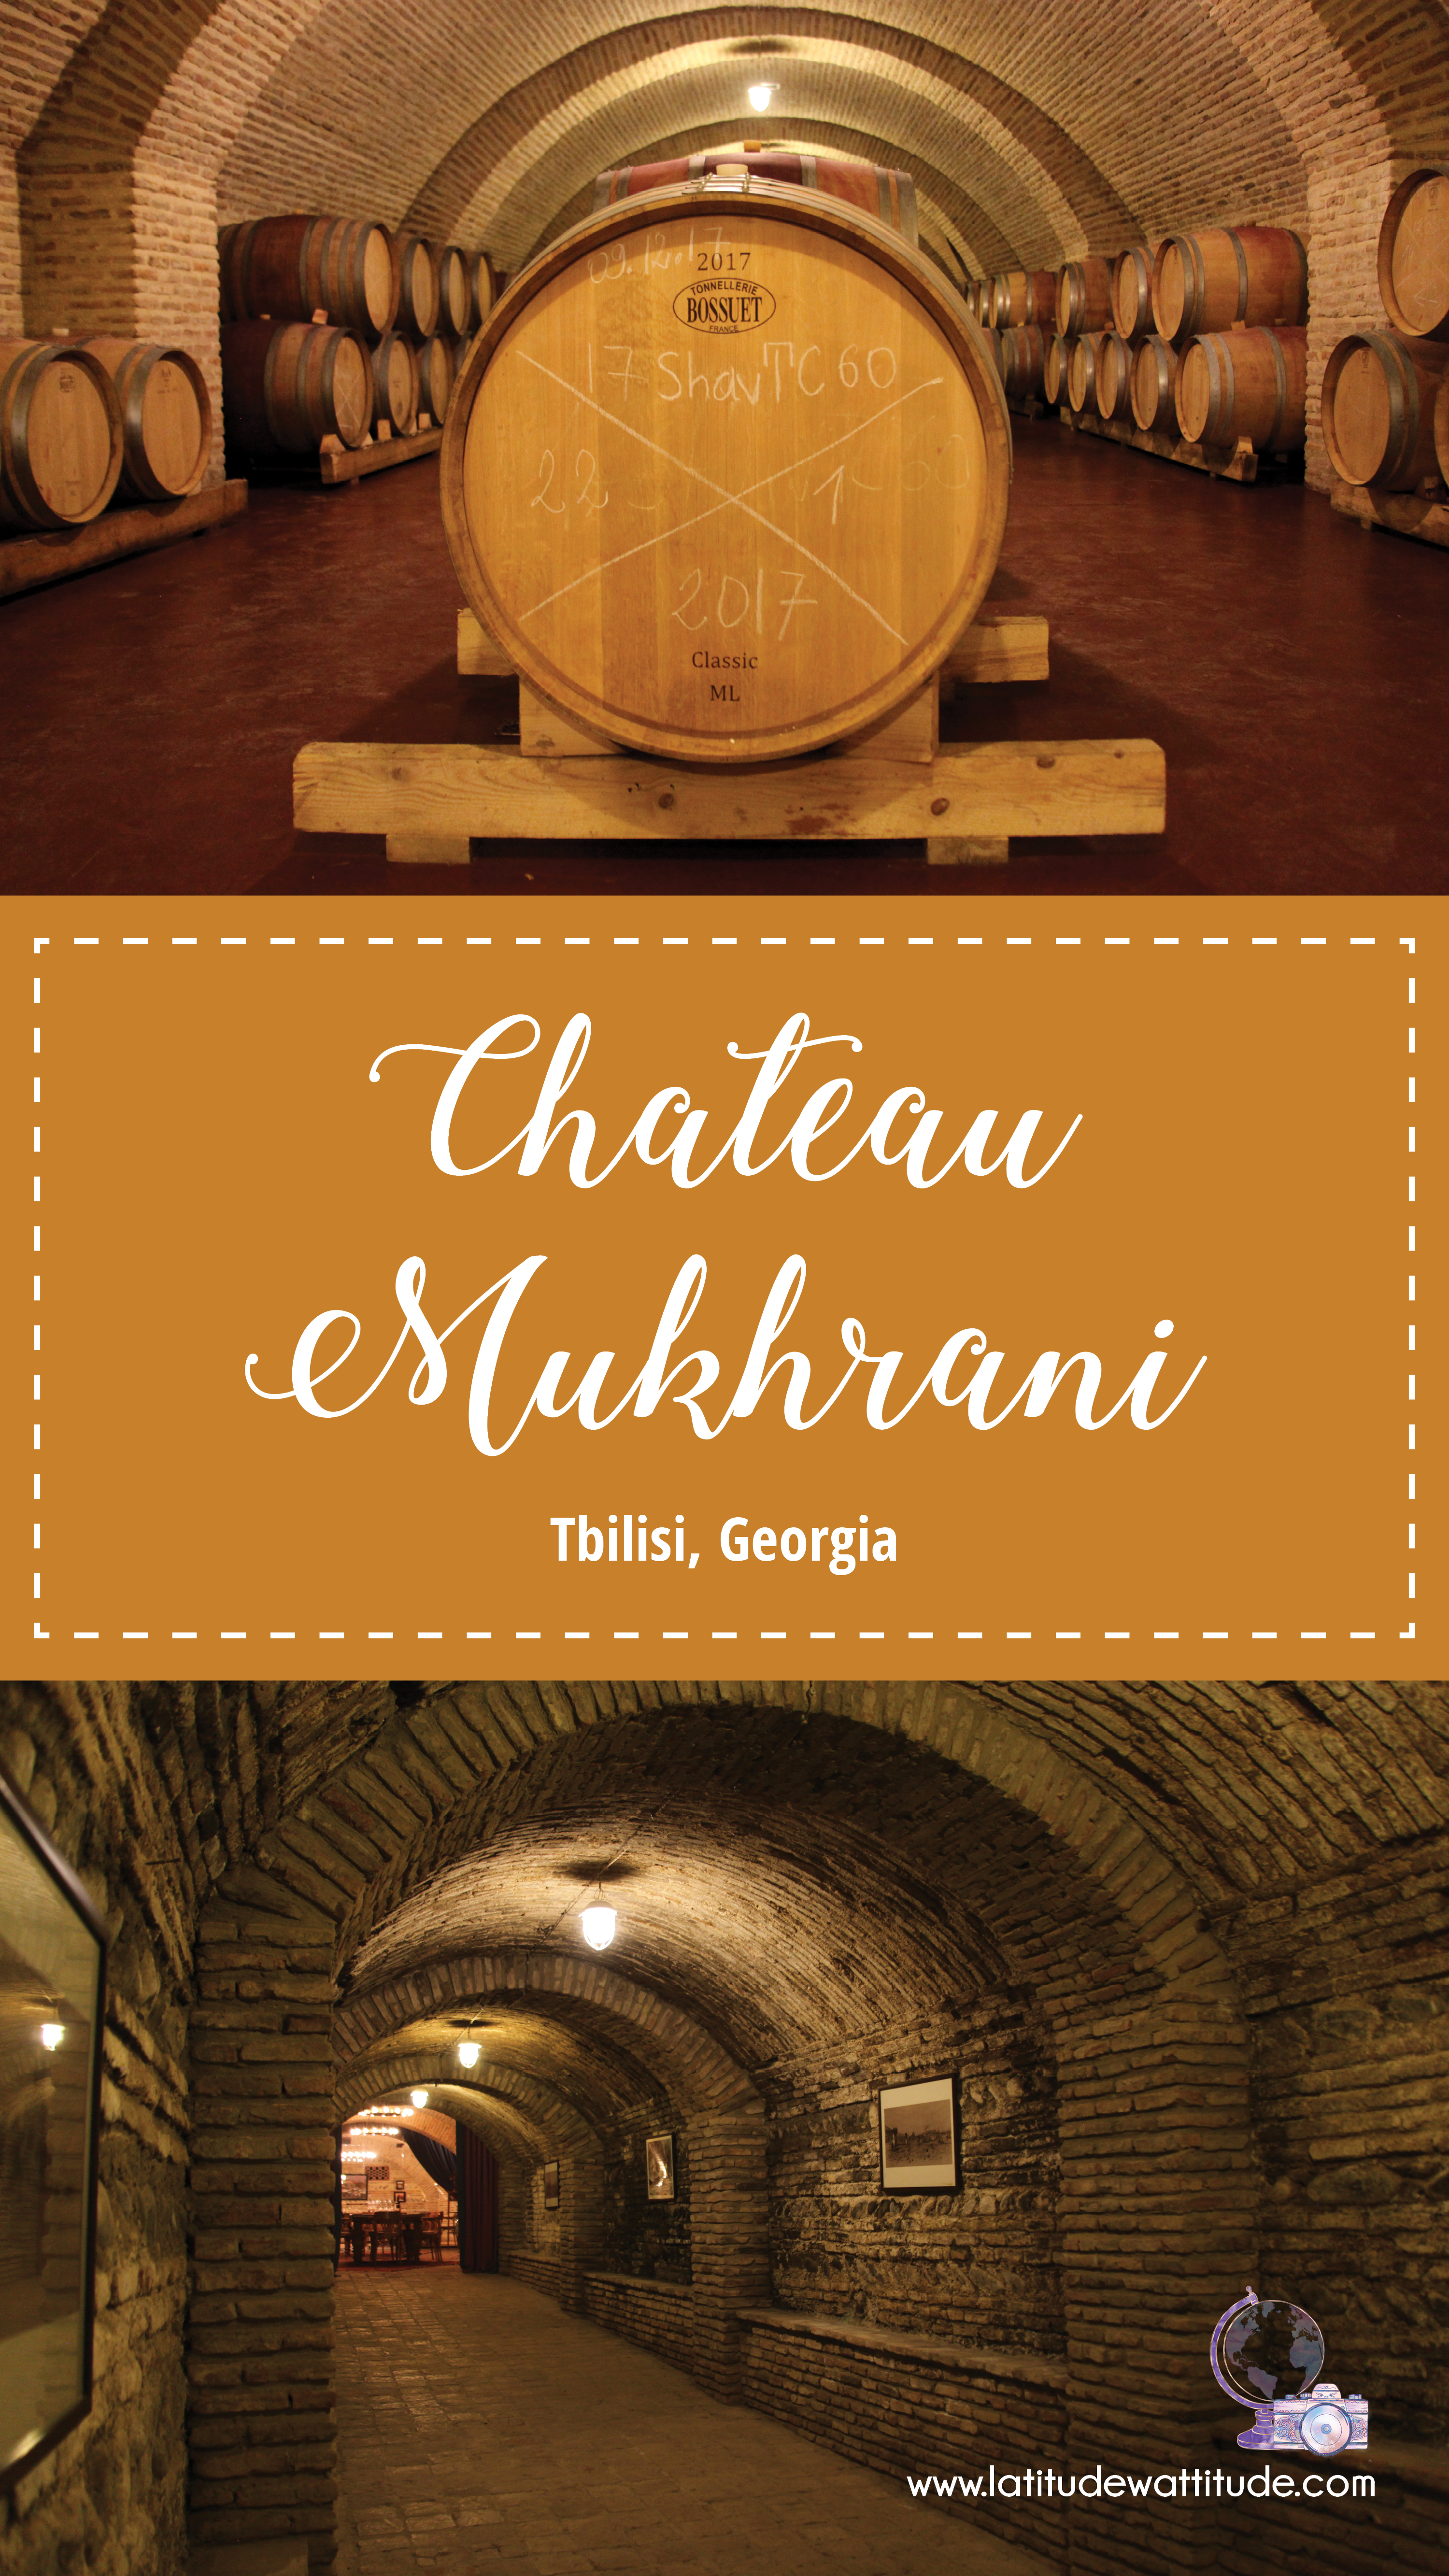 ChateauMuhkrani